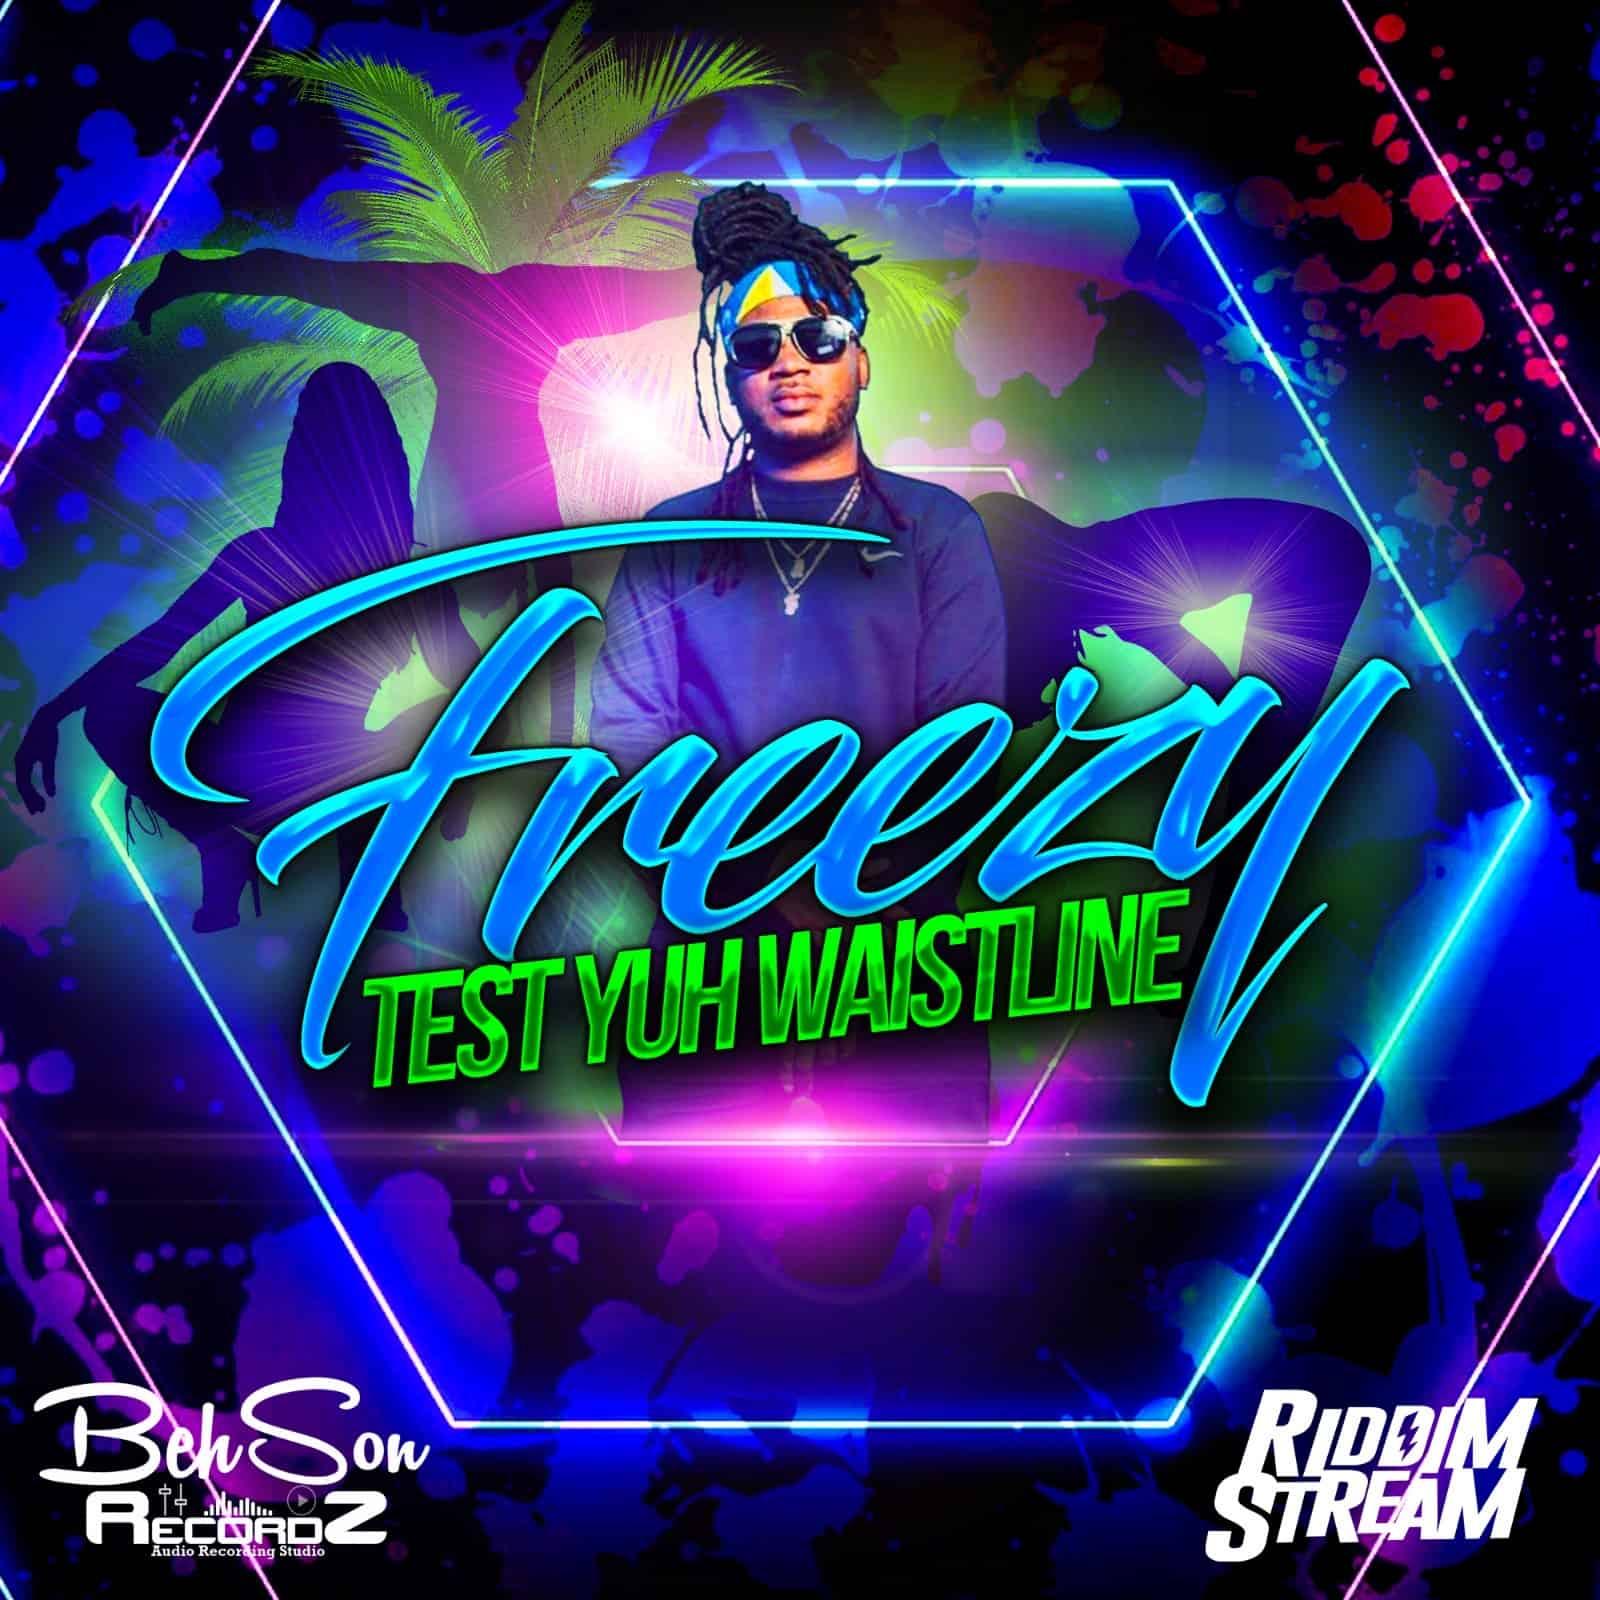 Freezy - Test Yuh Waistline - 2020 Album